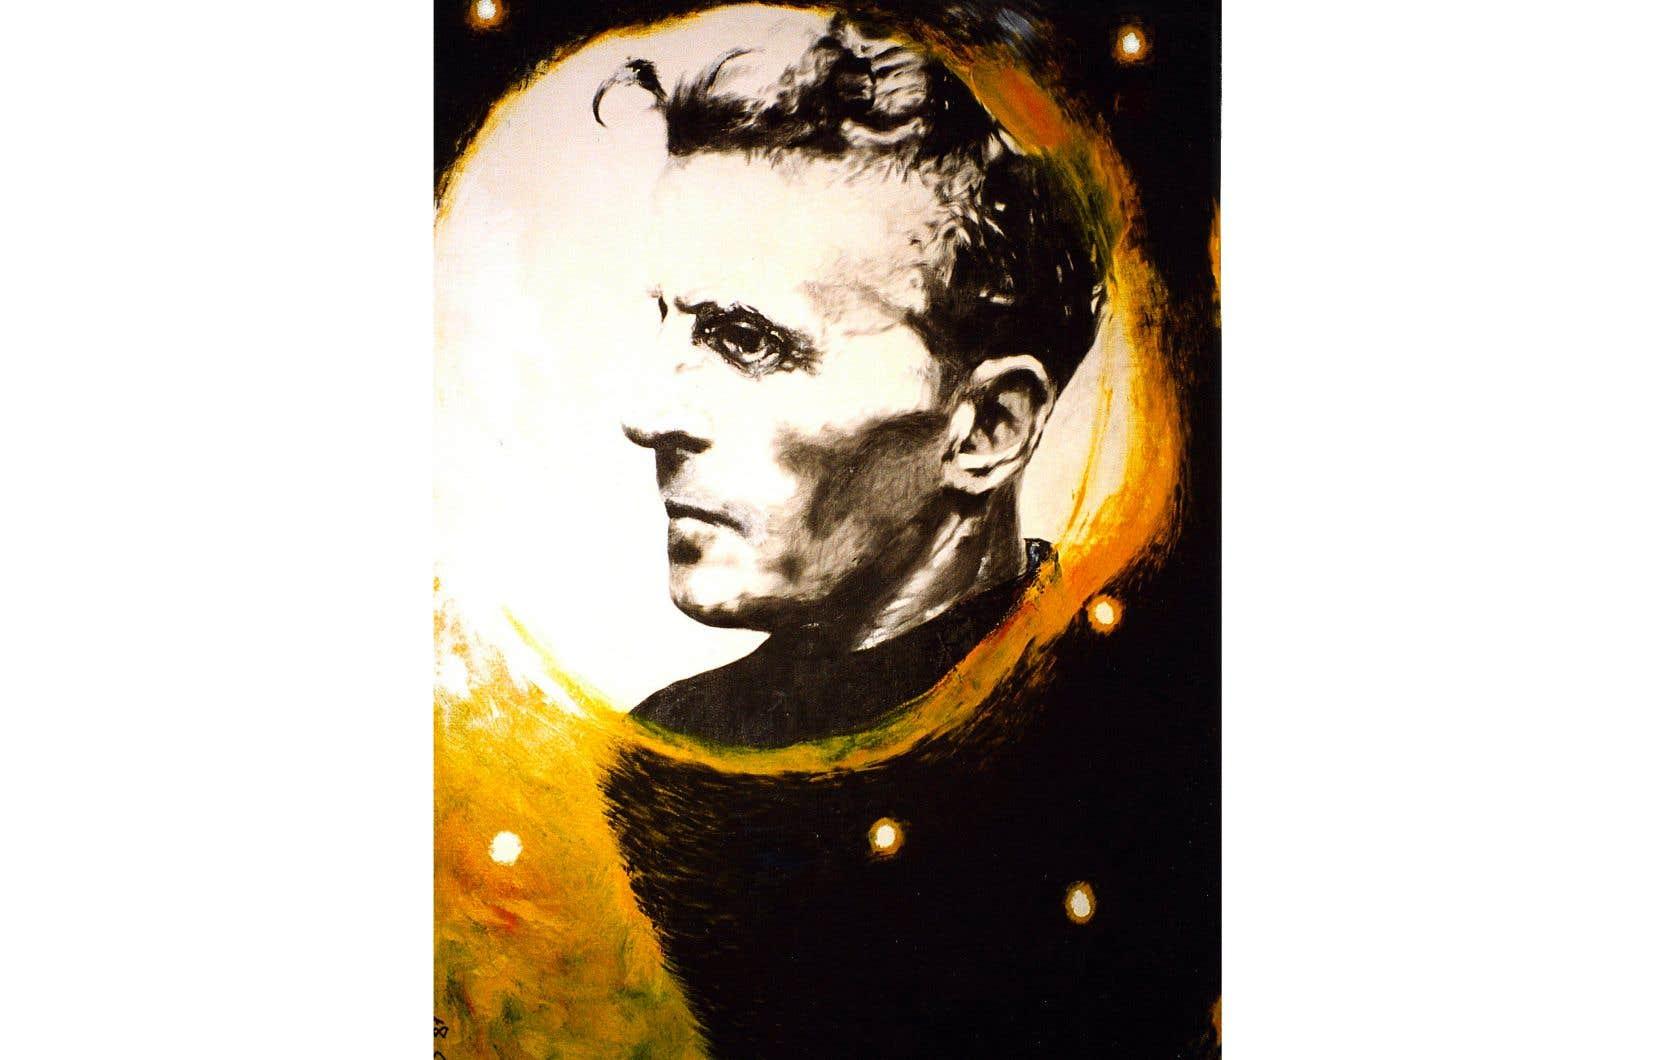 Le philosophe Ludwig Wittgenstein naît à Vienne en 1889 et meurt à Cambridge, au Royaume-Uni, en 1951. Ses derniers mots furent: «Dites-leur que j'ai eu une vie merveilleuse».